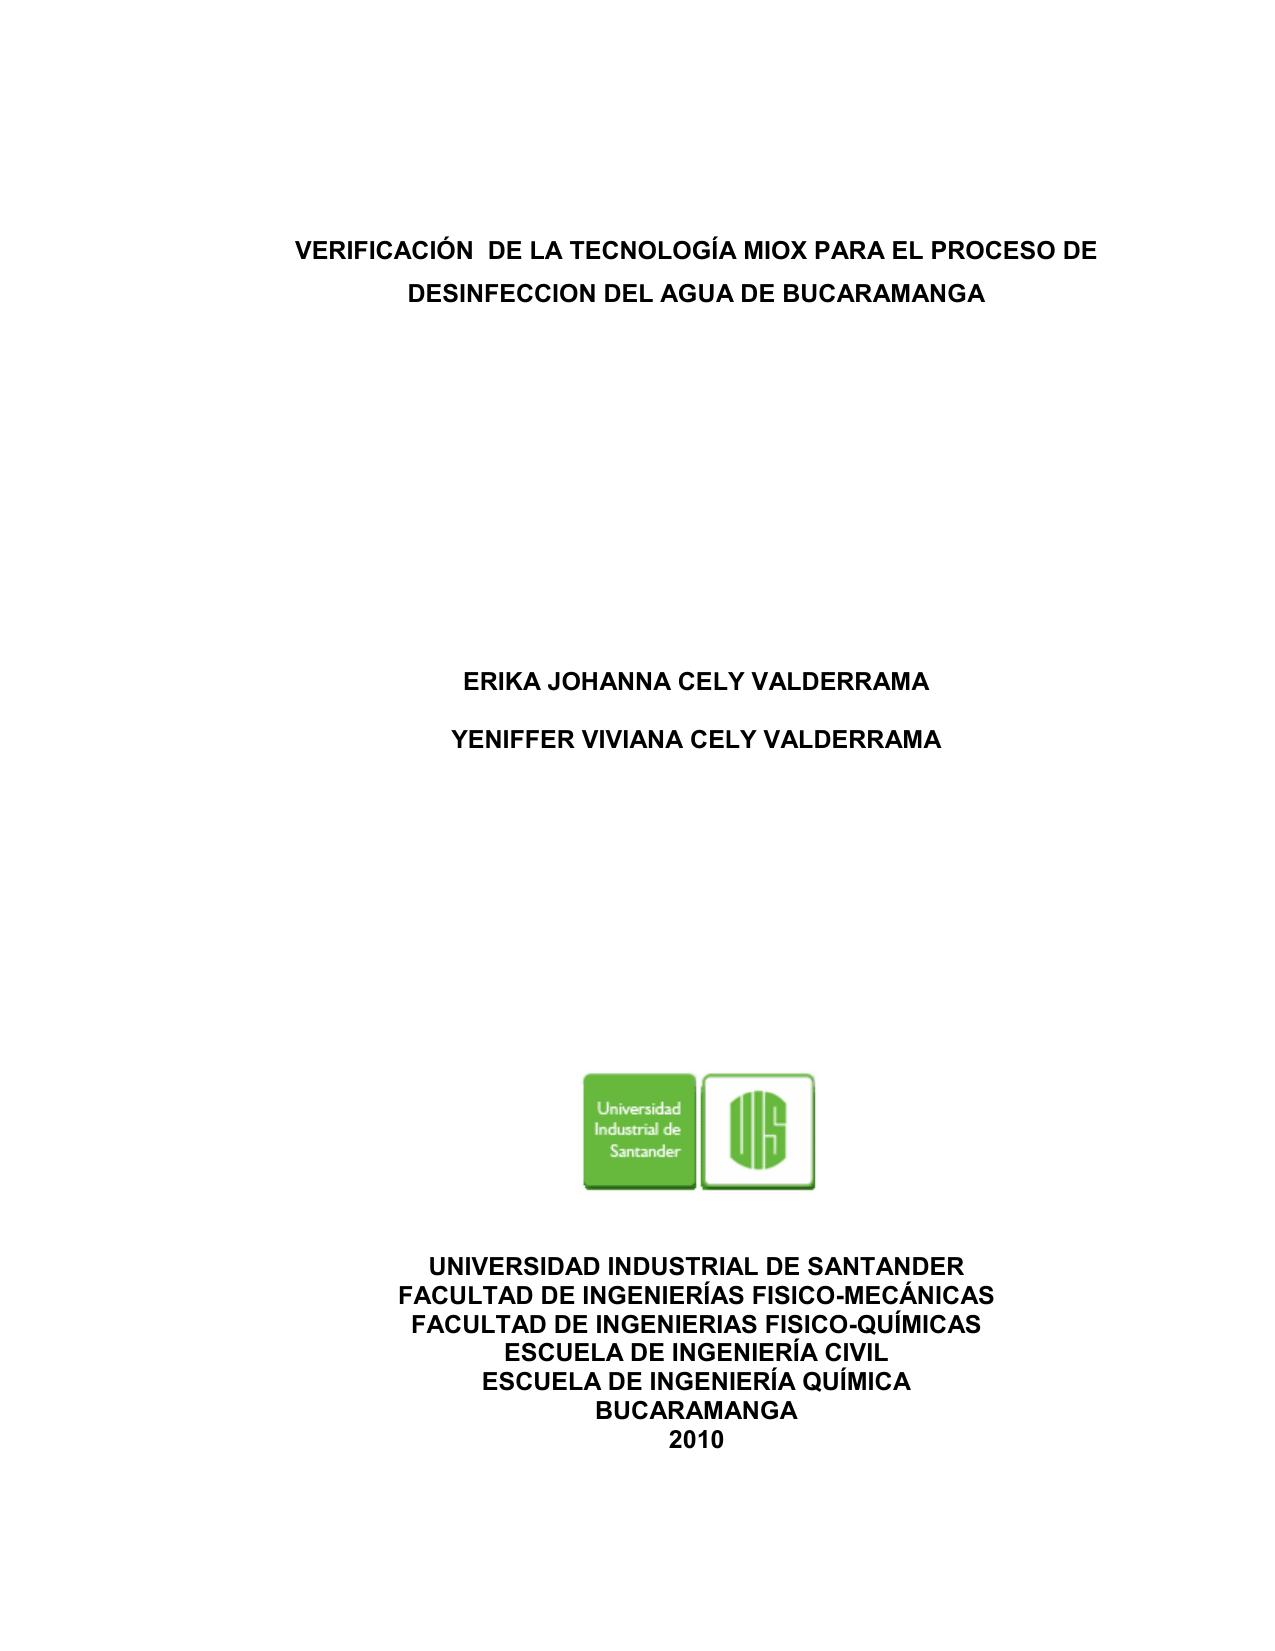 verificación de la tecnología miox para el proceso de desinfeccion ...